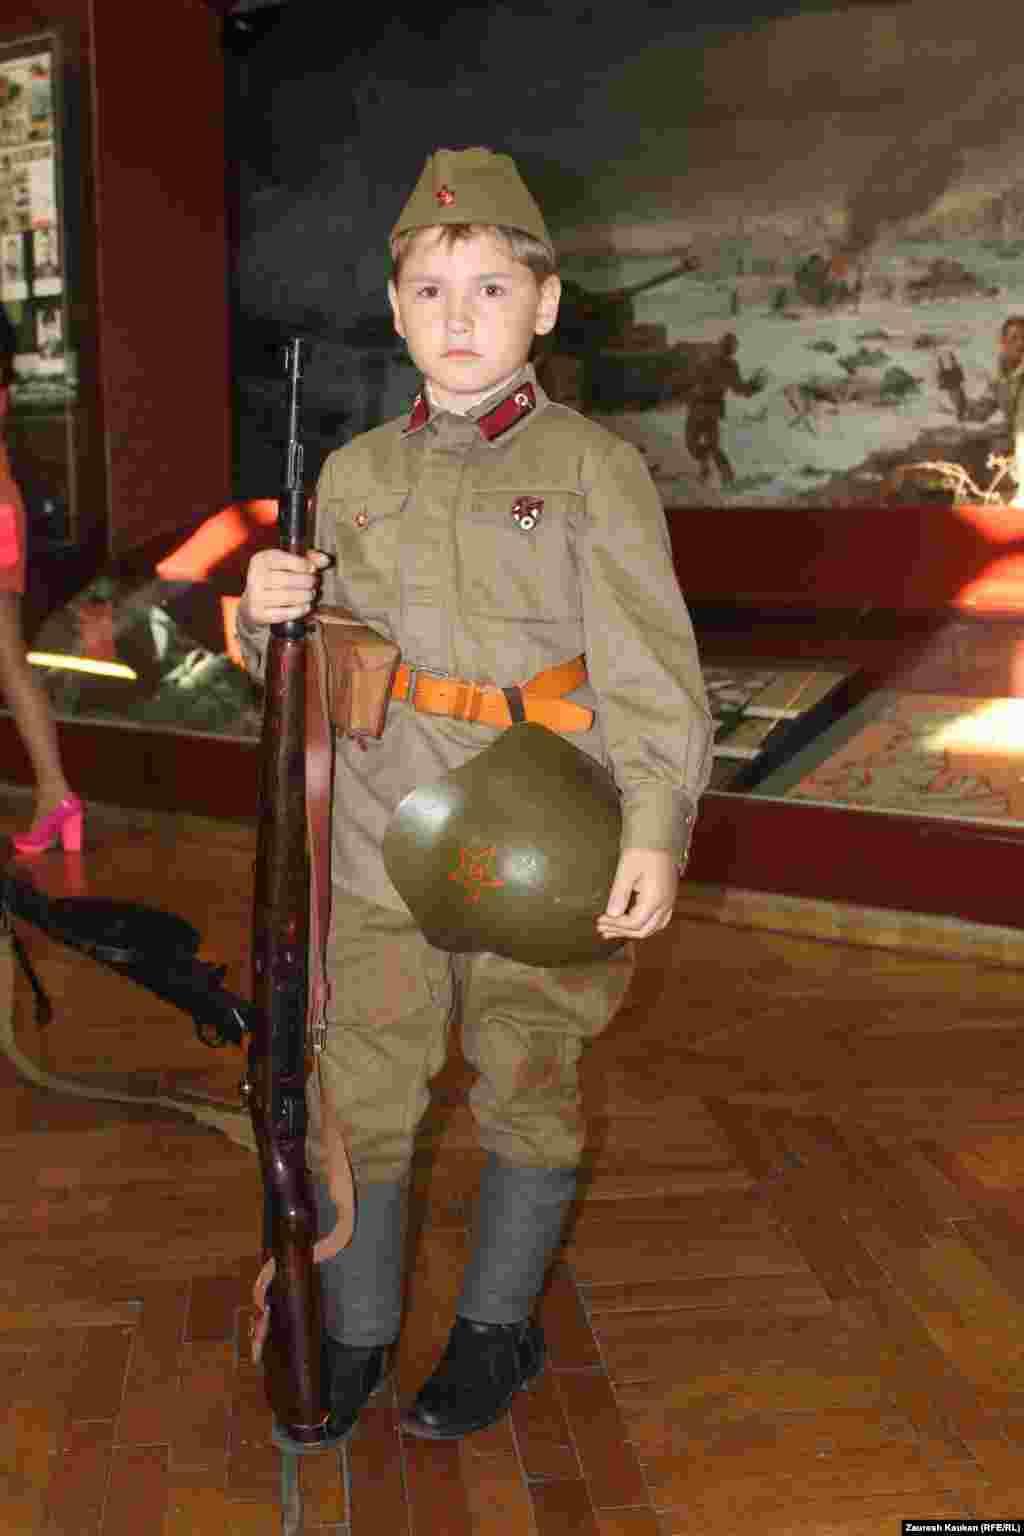 За военной экспозицией был закреплен этот мальчик, одетый в советскую форму времен Второй мировой войны.